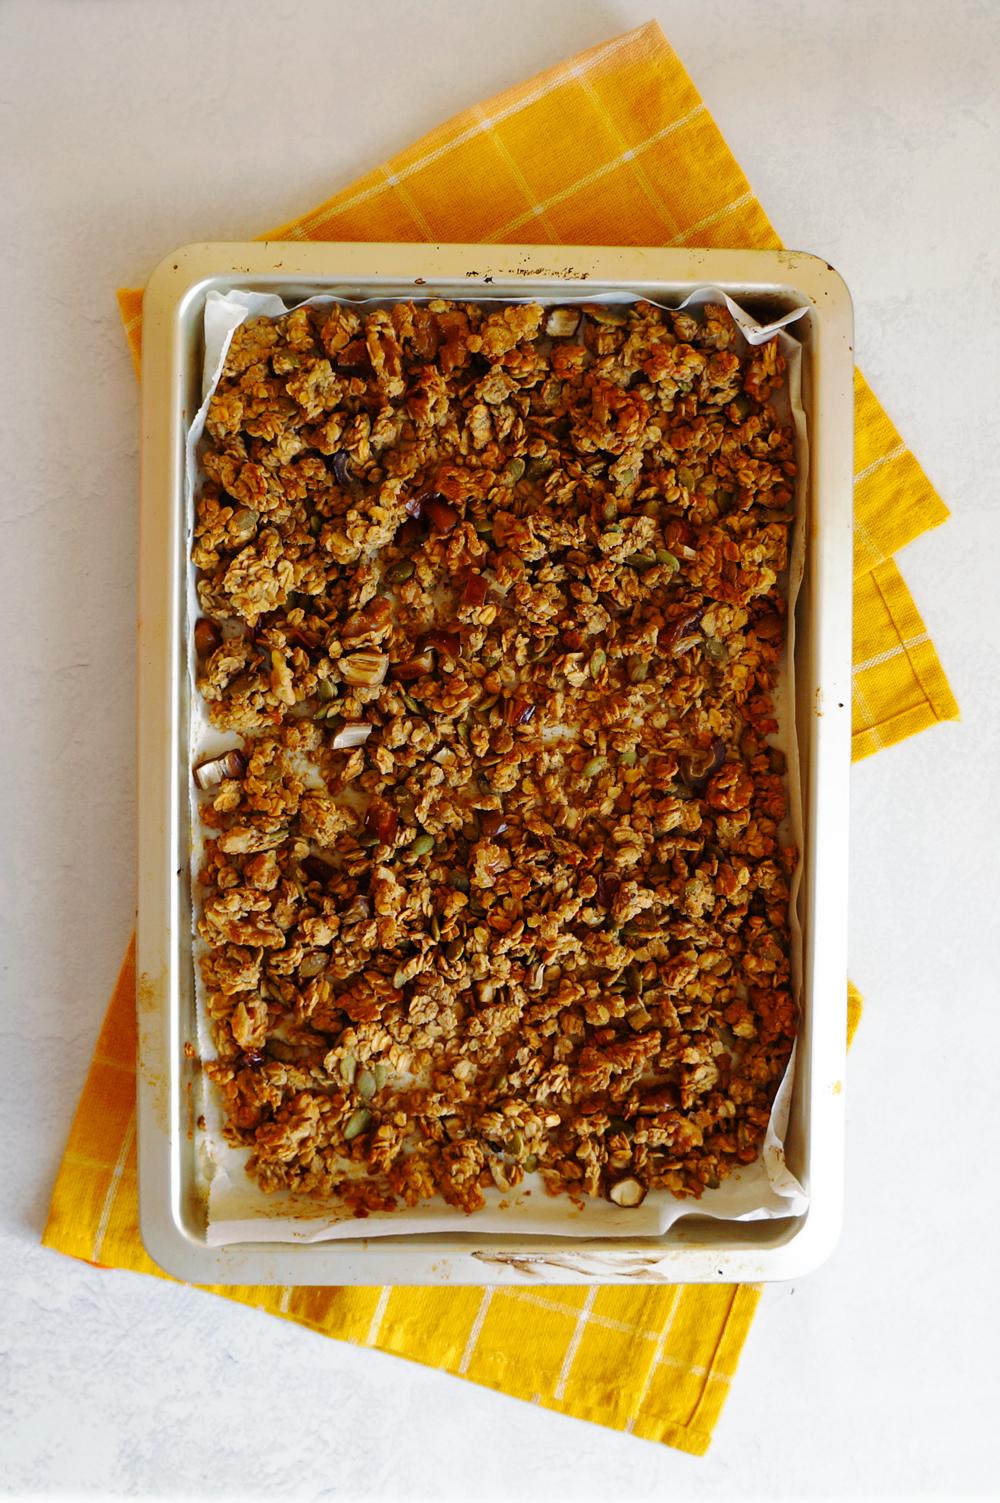 Banana bread granola on a baking tray.